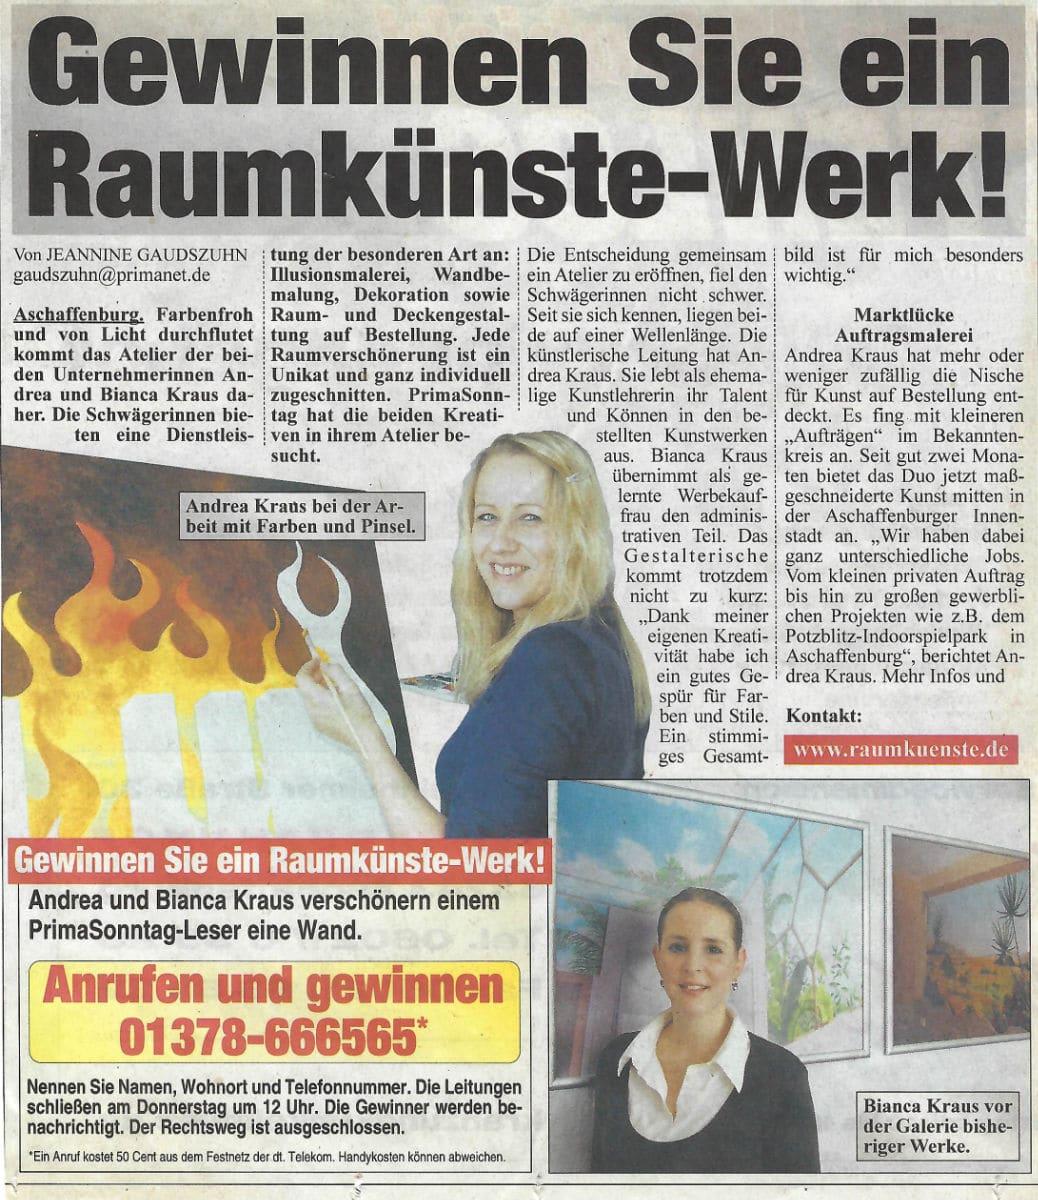 Gewinnspiel Raumkünste Werk (undatiert / Andrea Kraus / Prima Sonntag)